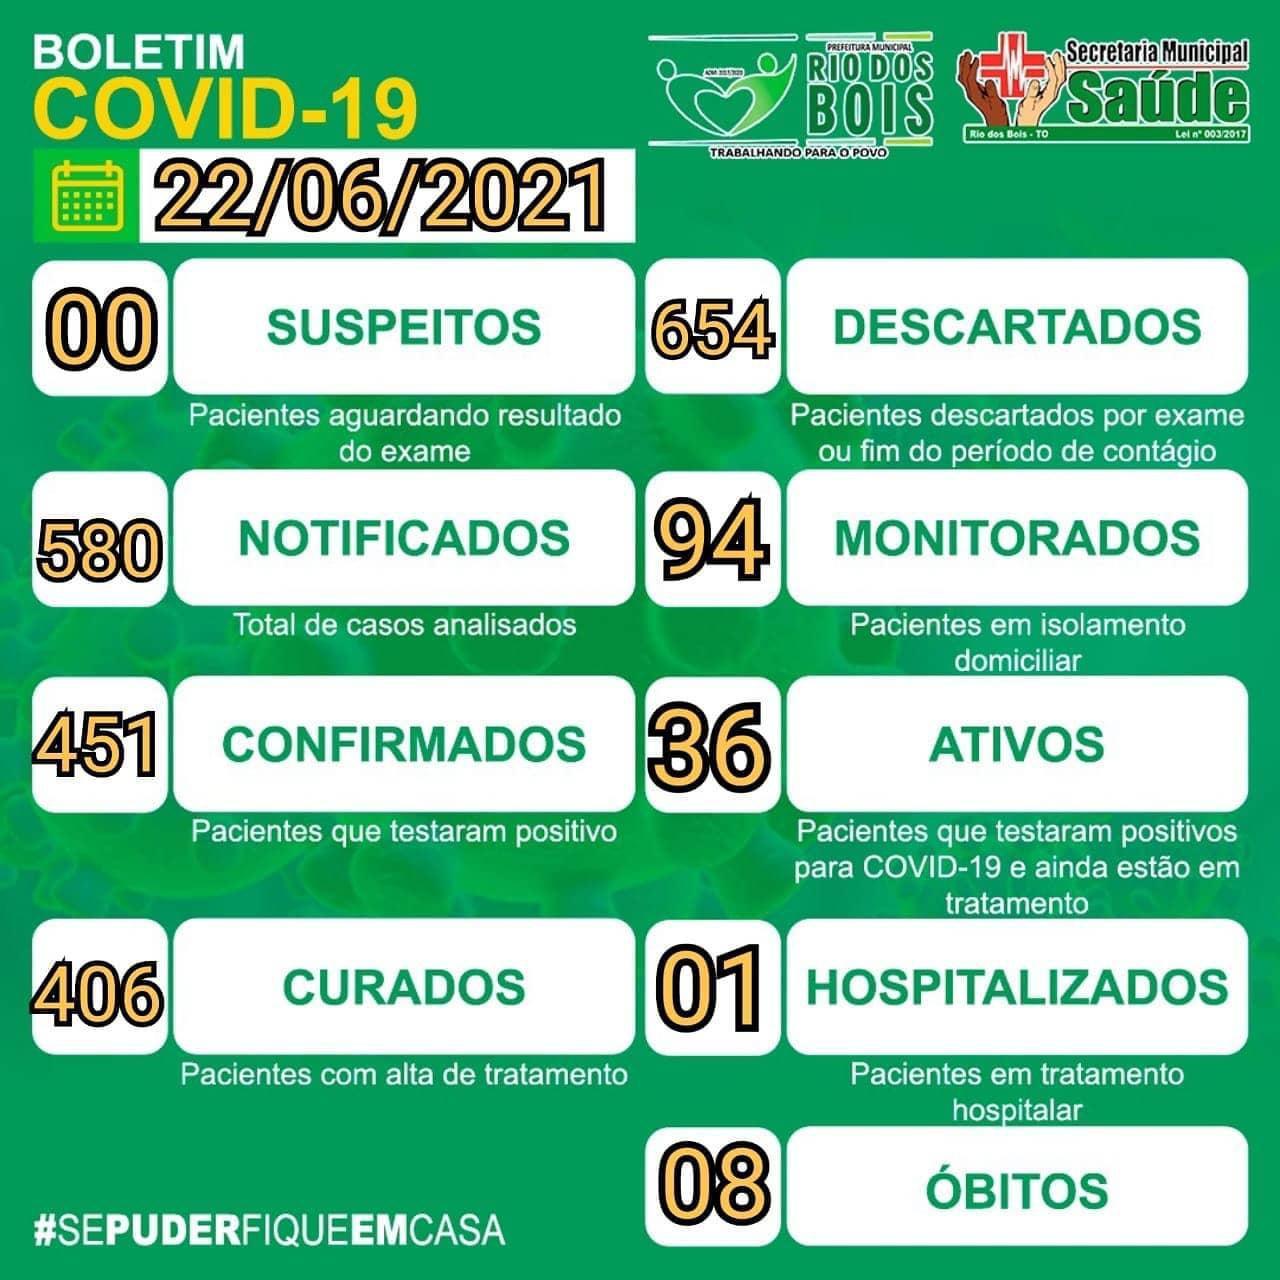 Rio dos Bois divulga novo boletim epidemiológico informando ocorrência de 36 casos ativos de Covid-19